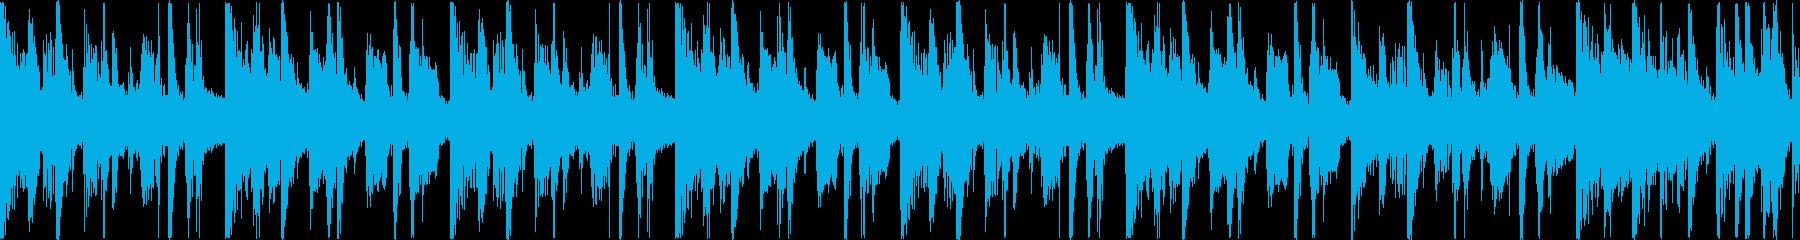 Feelgood Funk / J...の再生済みの波形